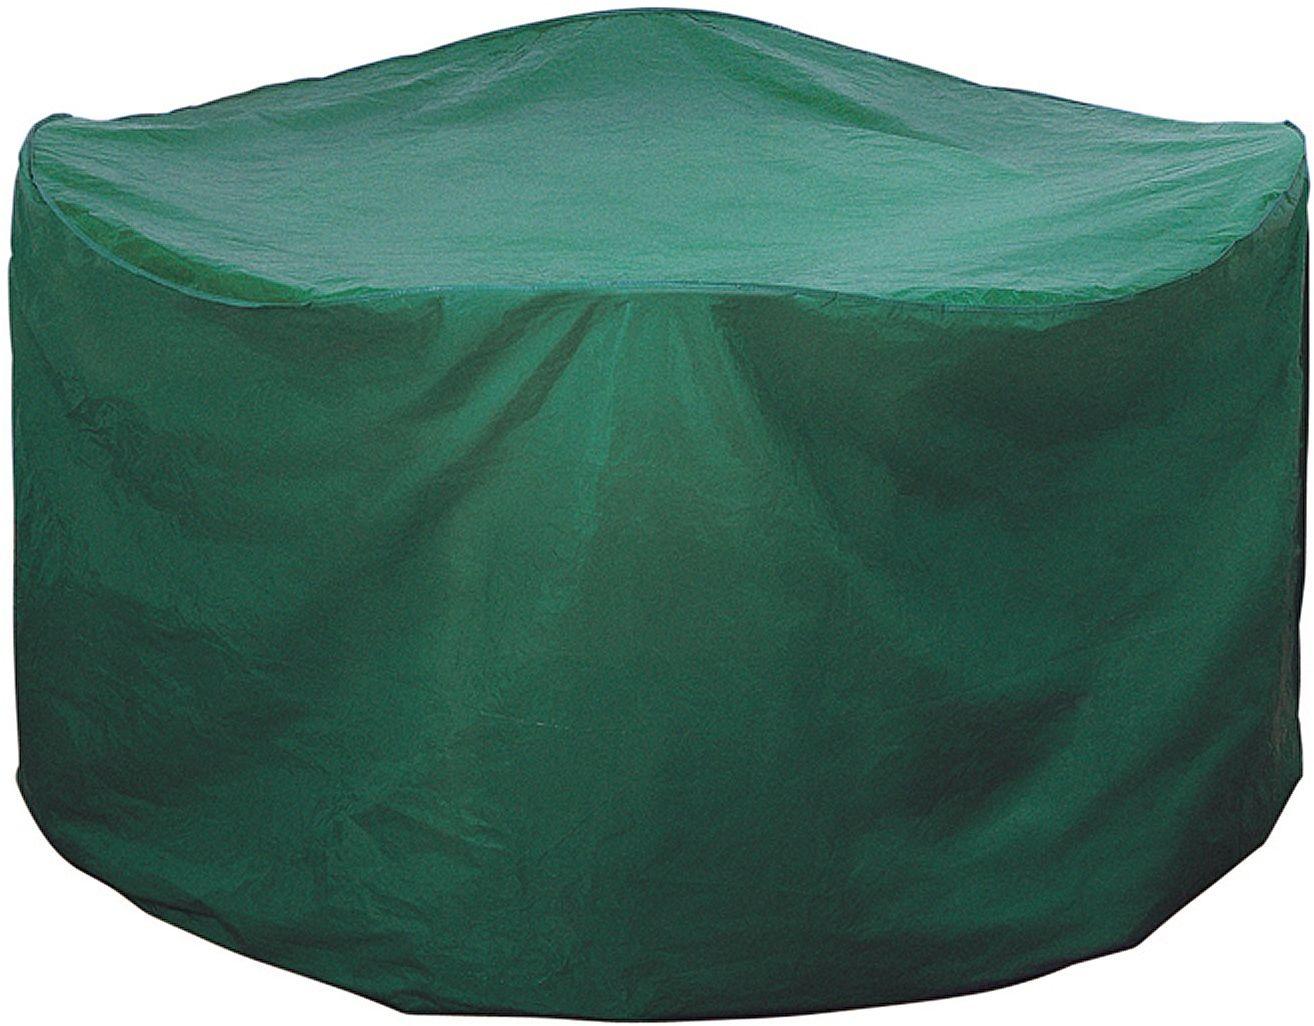 Rayen pokrowiec na meble ogrodowe: stół, zielony